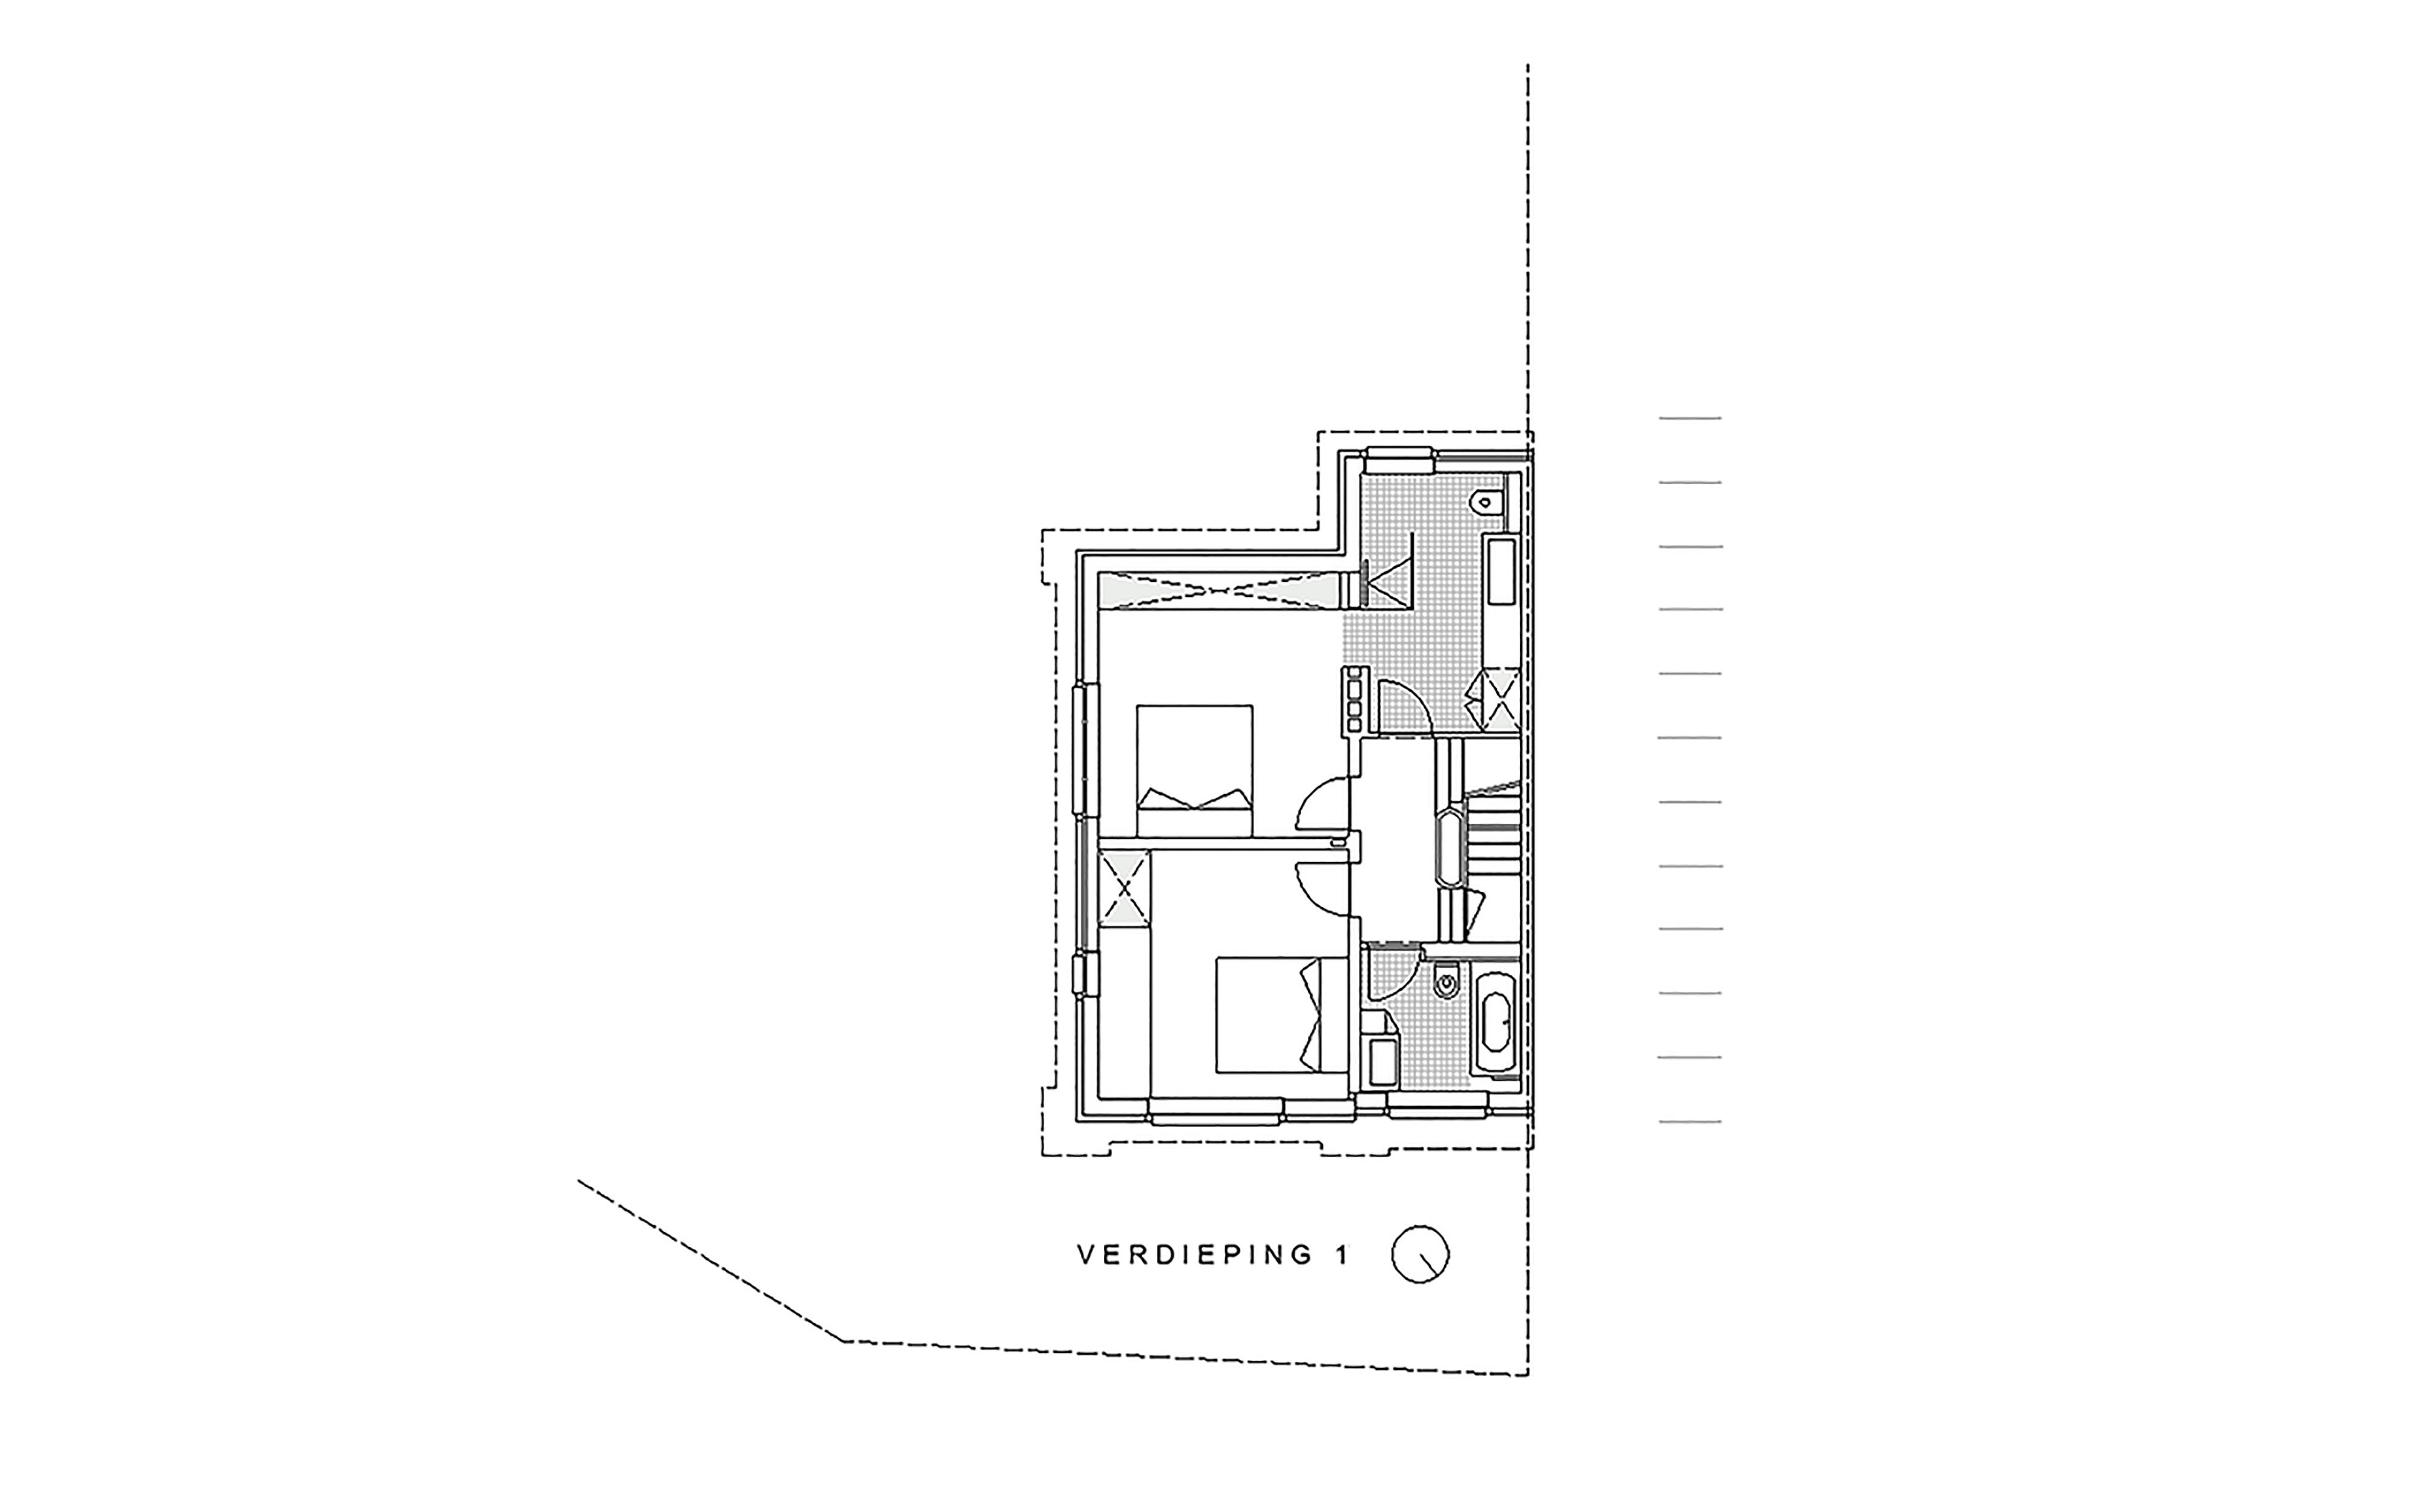 K1623-verdieping1